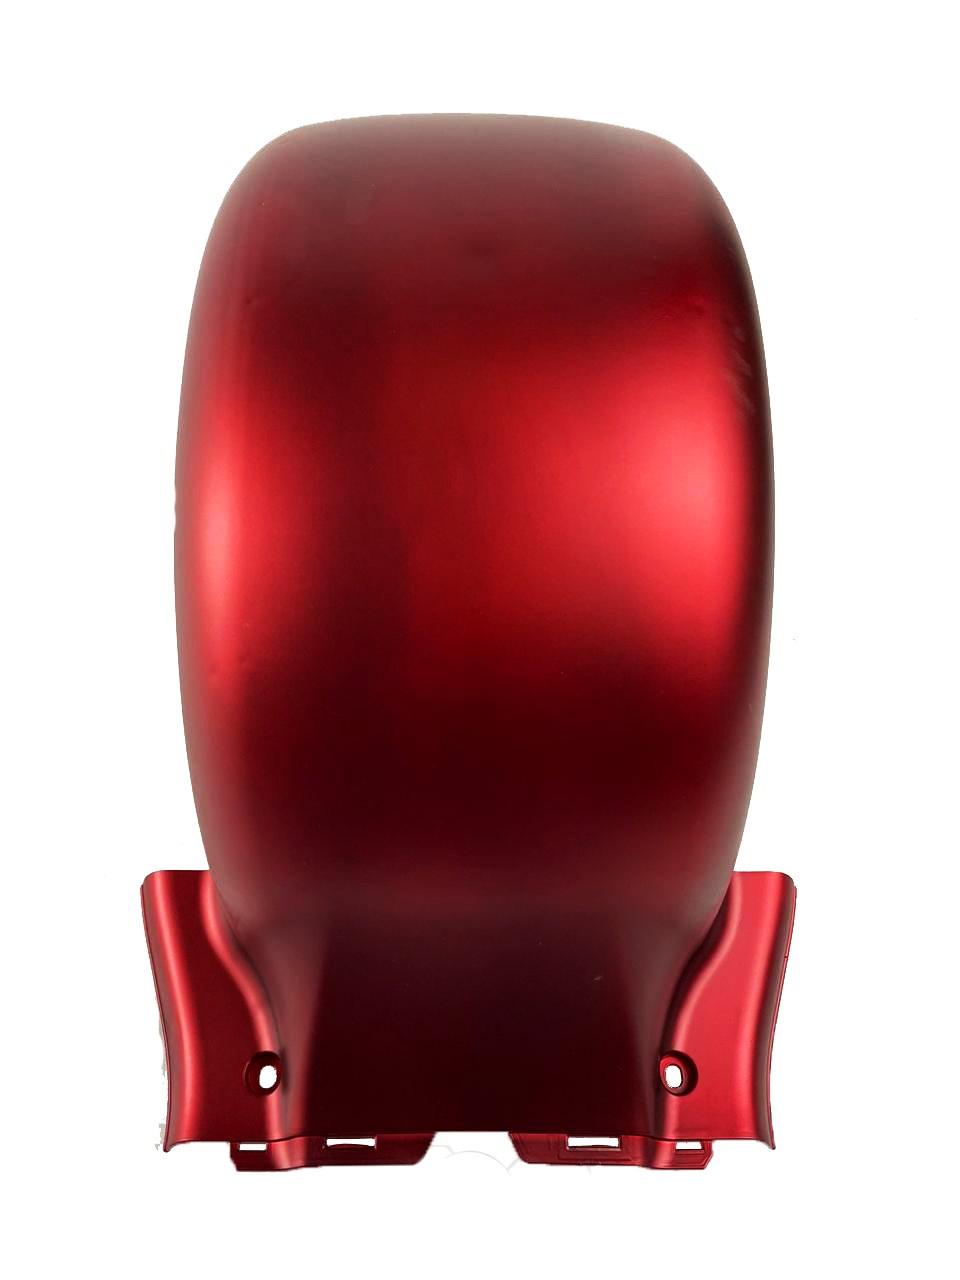 para-choque traseiro vermelho para scooter elétrica citycoco x14 chopper